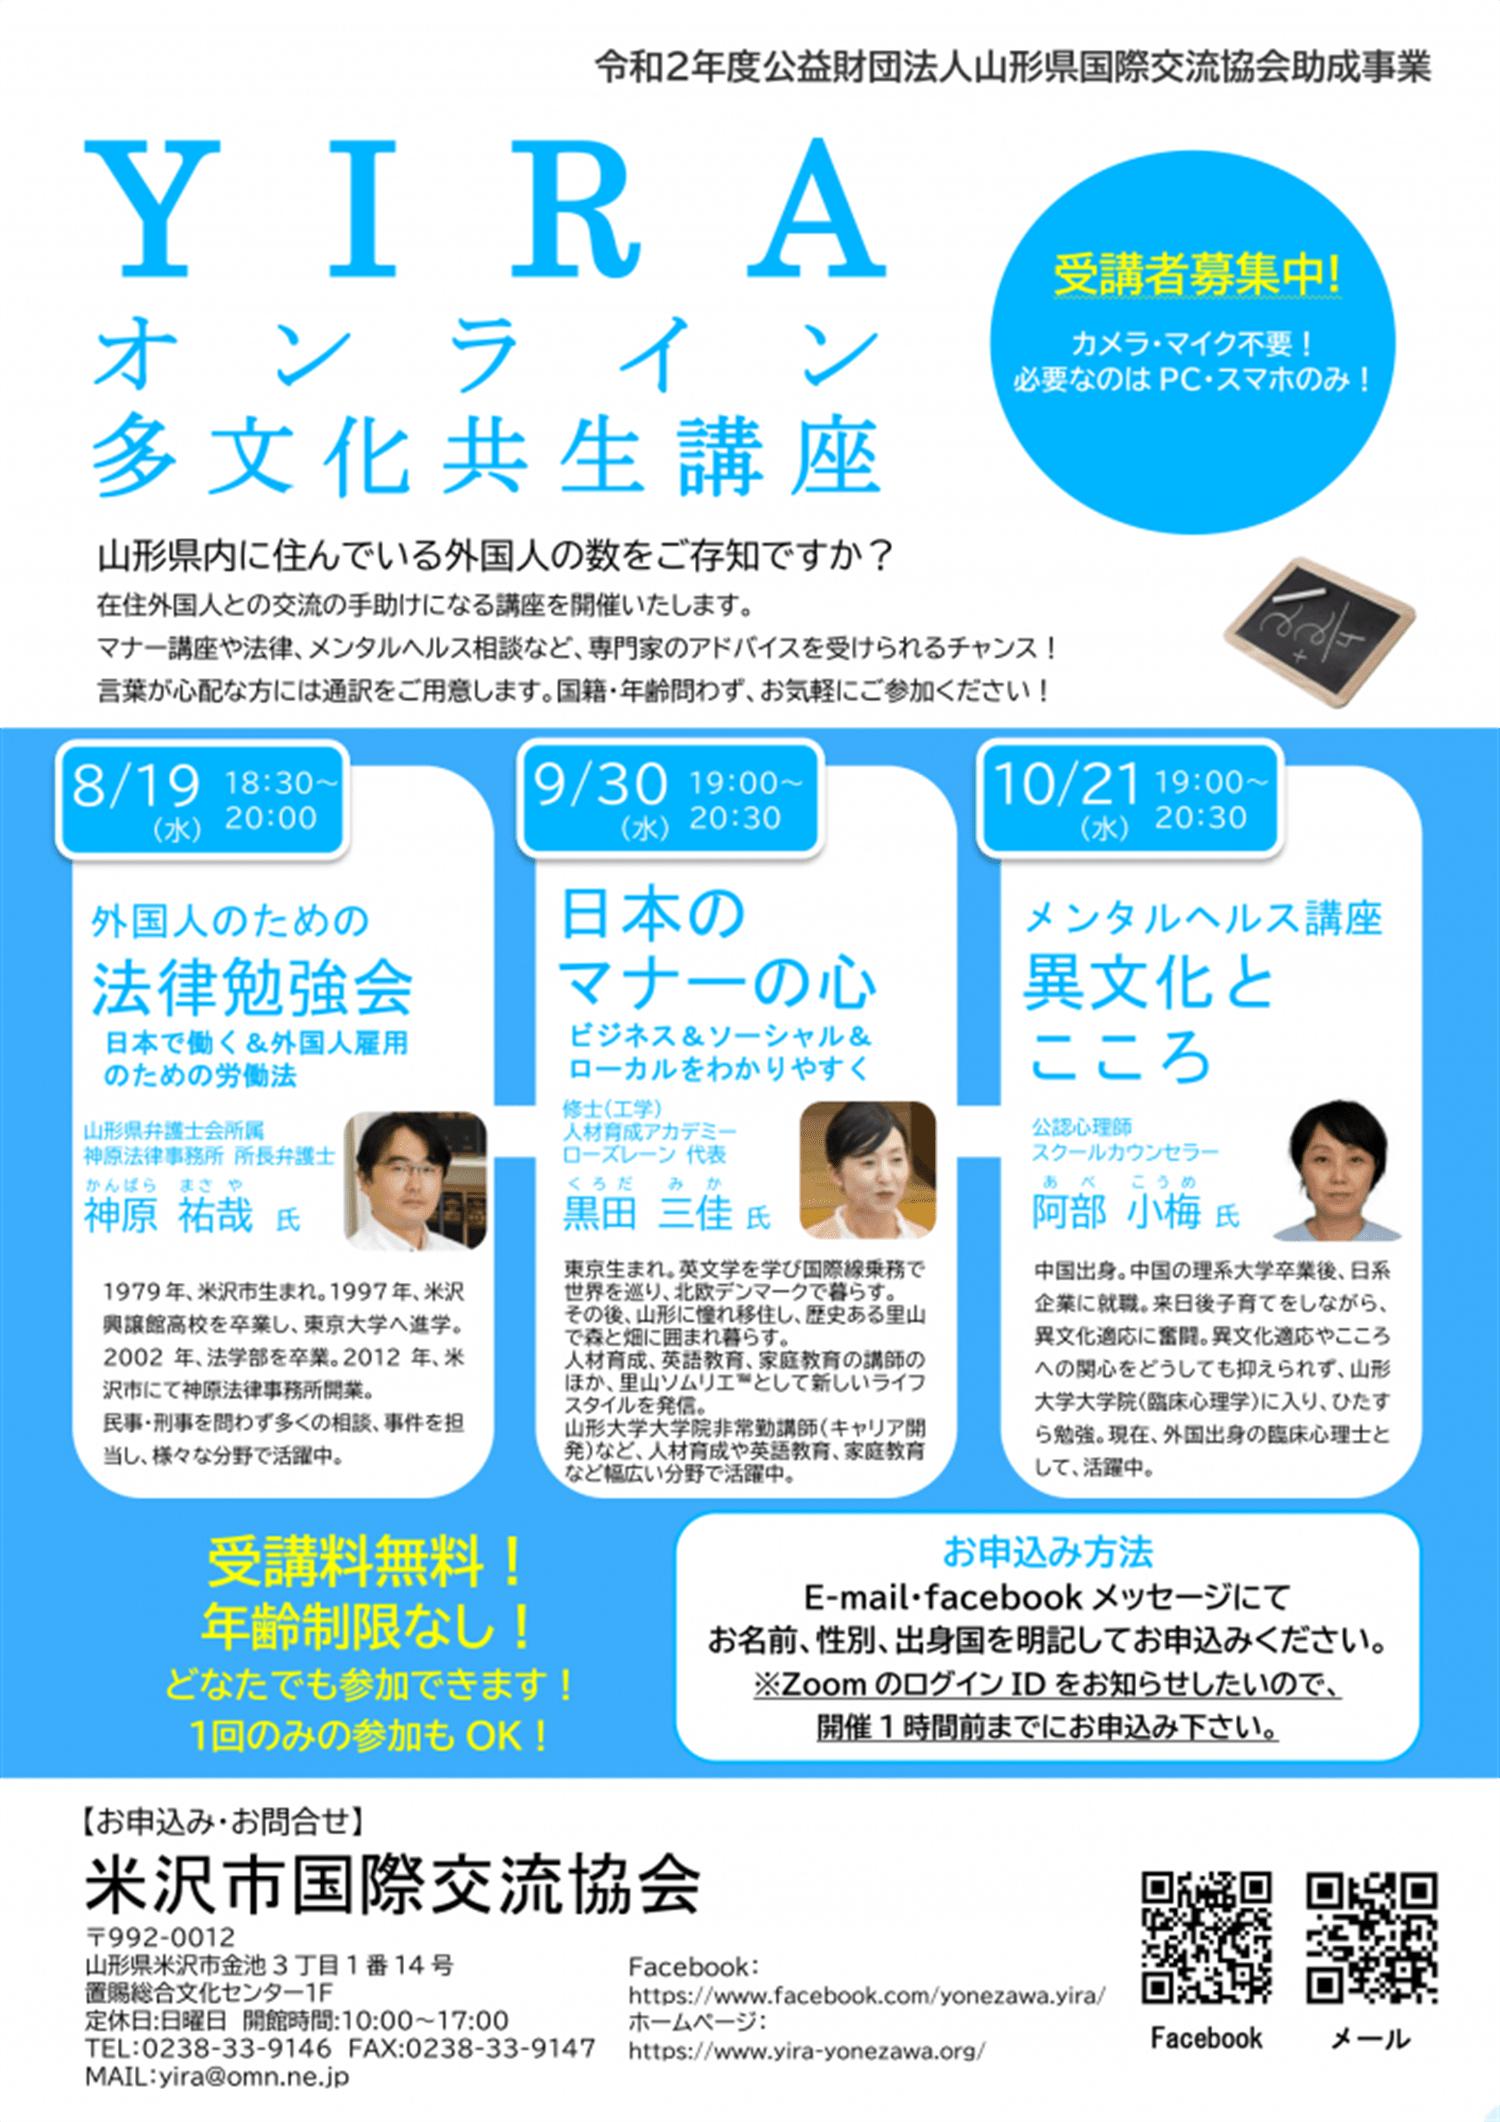 【YIRA多文化共生オンライン講座】日本のマナーの心